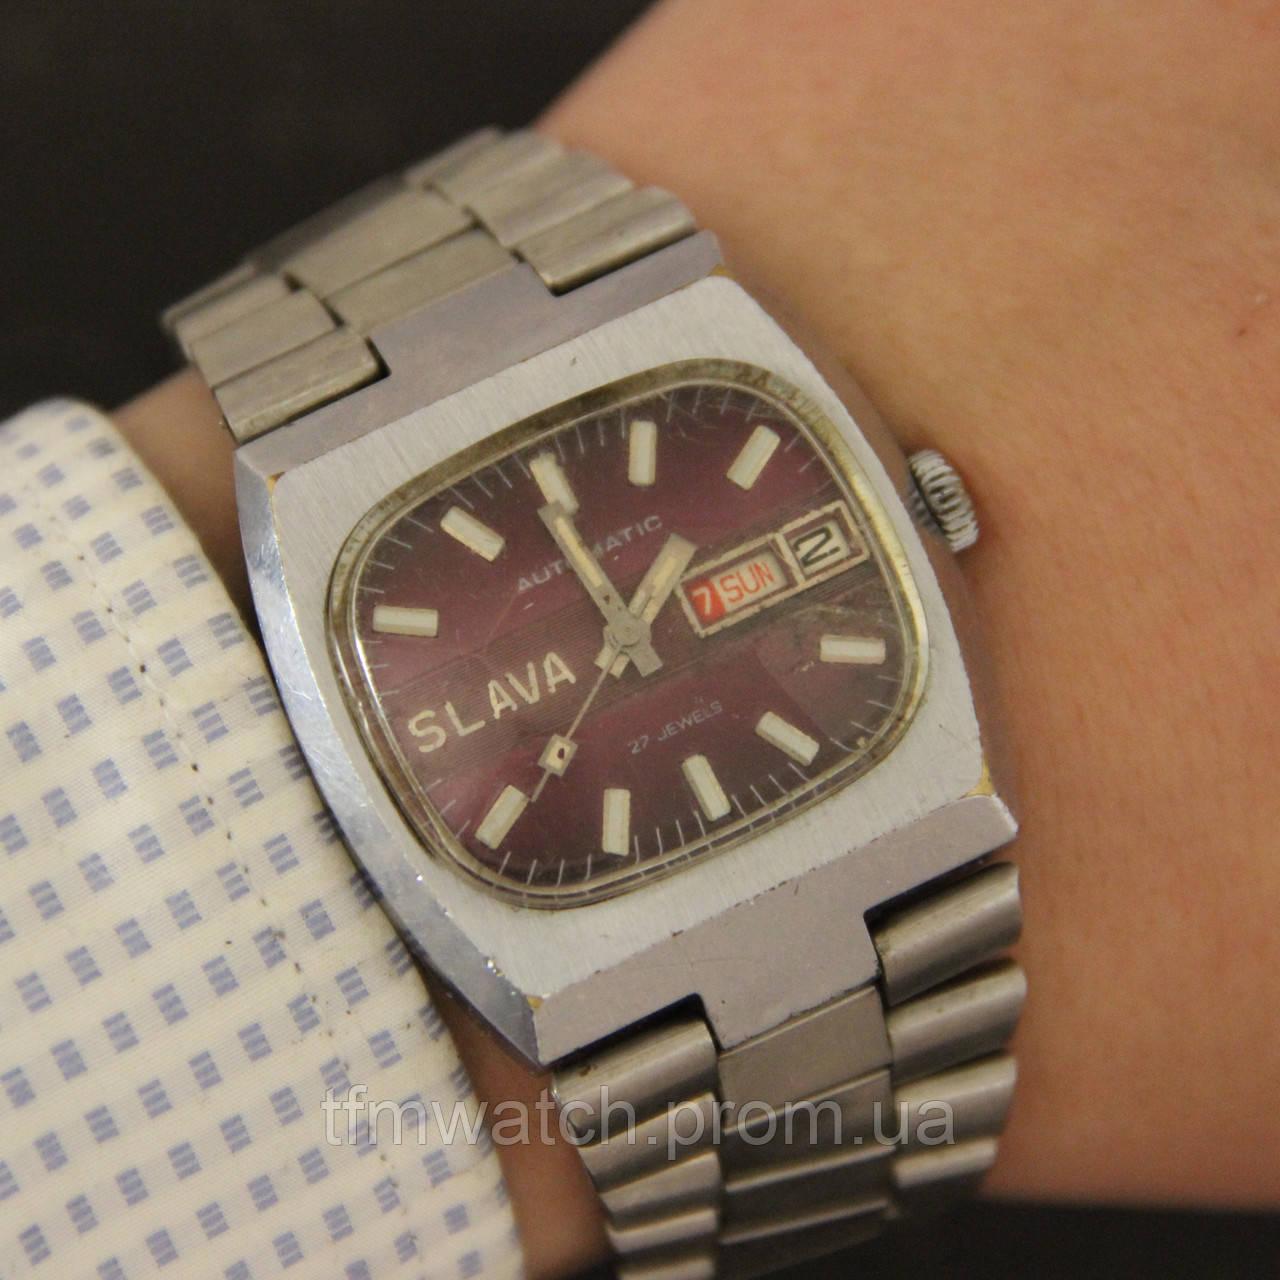 fc62af045642 Слава Танк автоподзавод мужские наручные часы СССР - Магазин старинных,  винтажных и антикварных часов TFMwatch